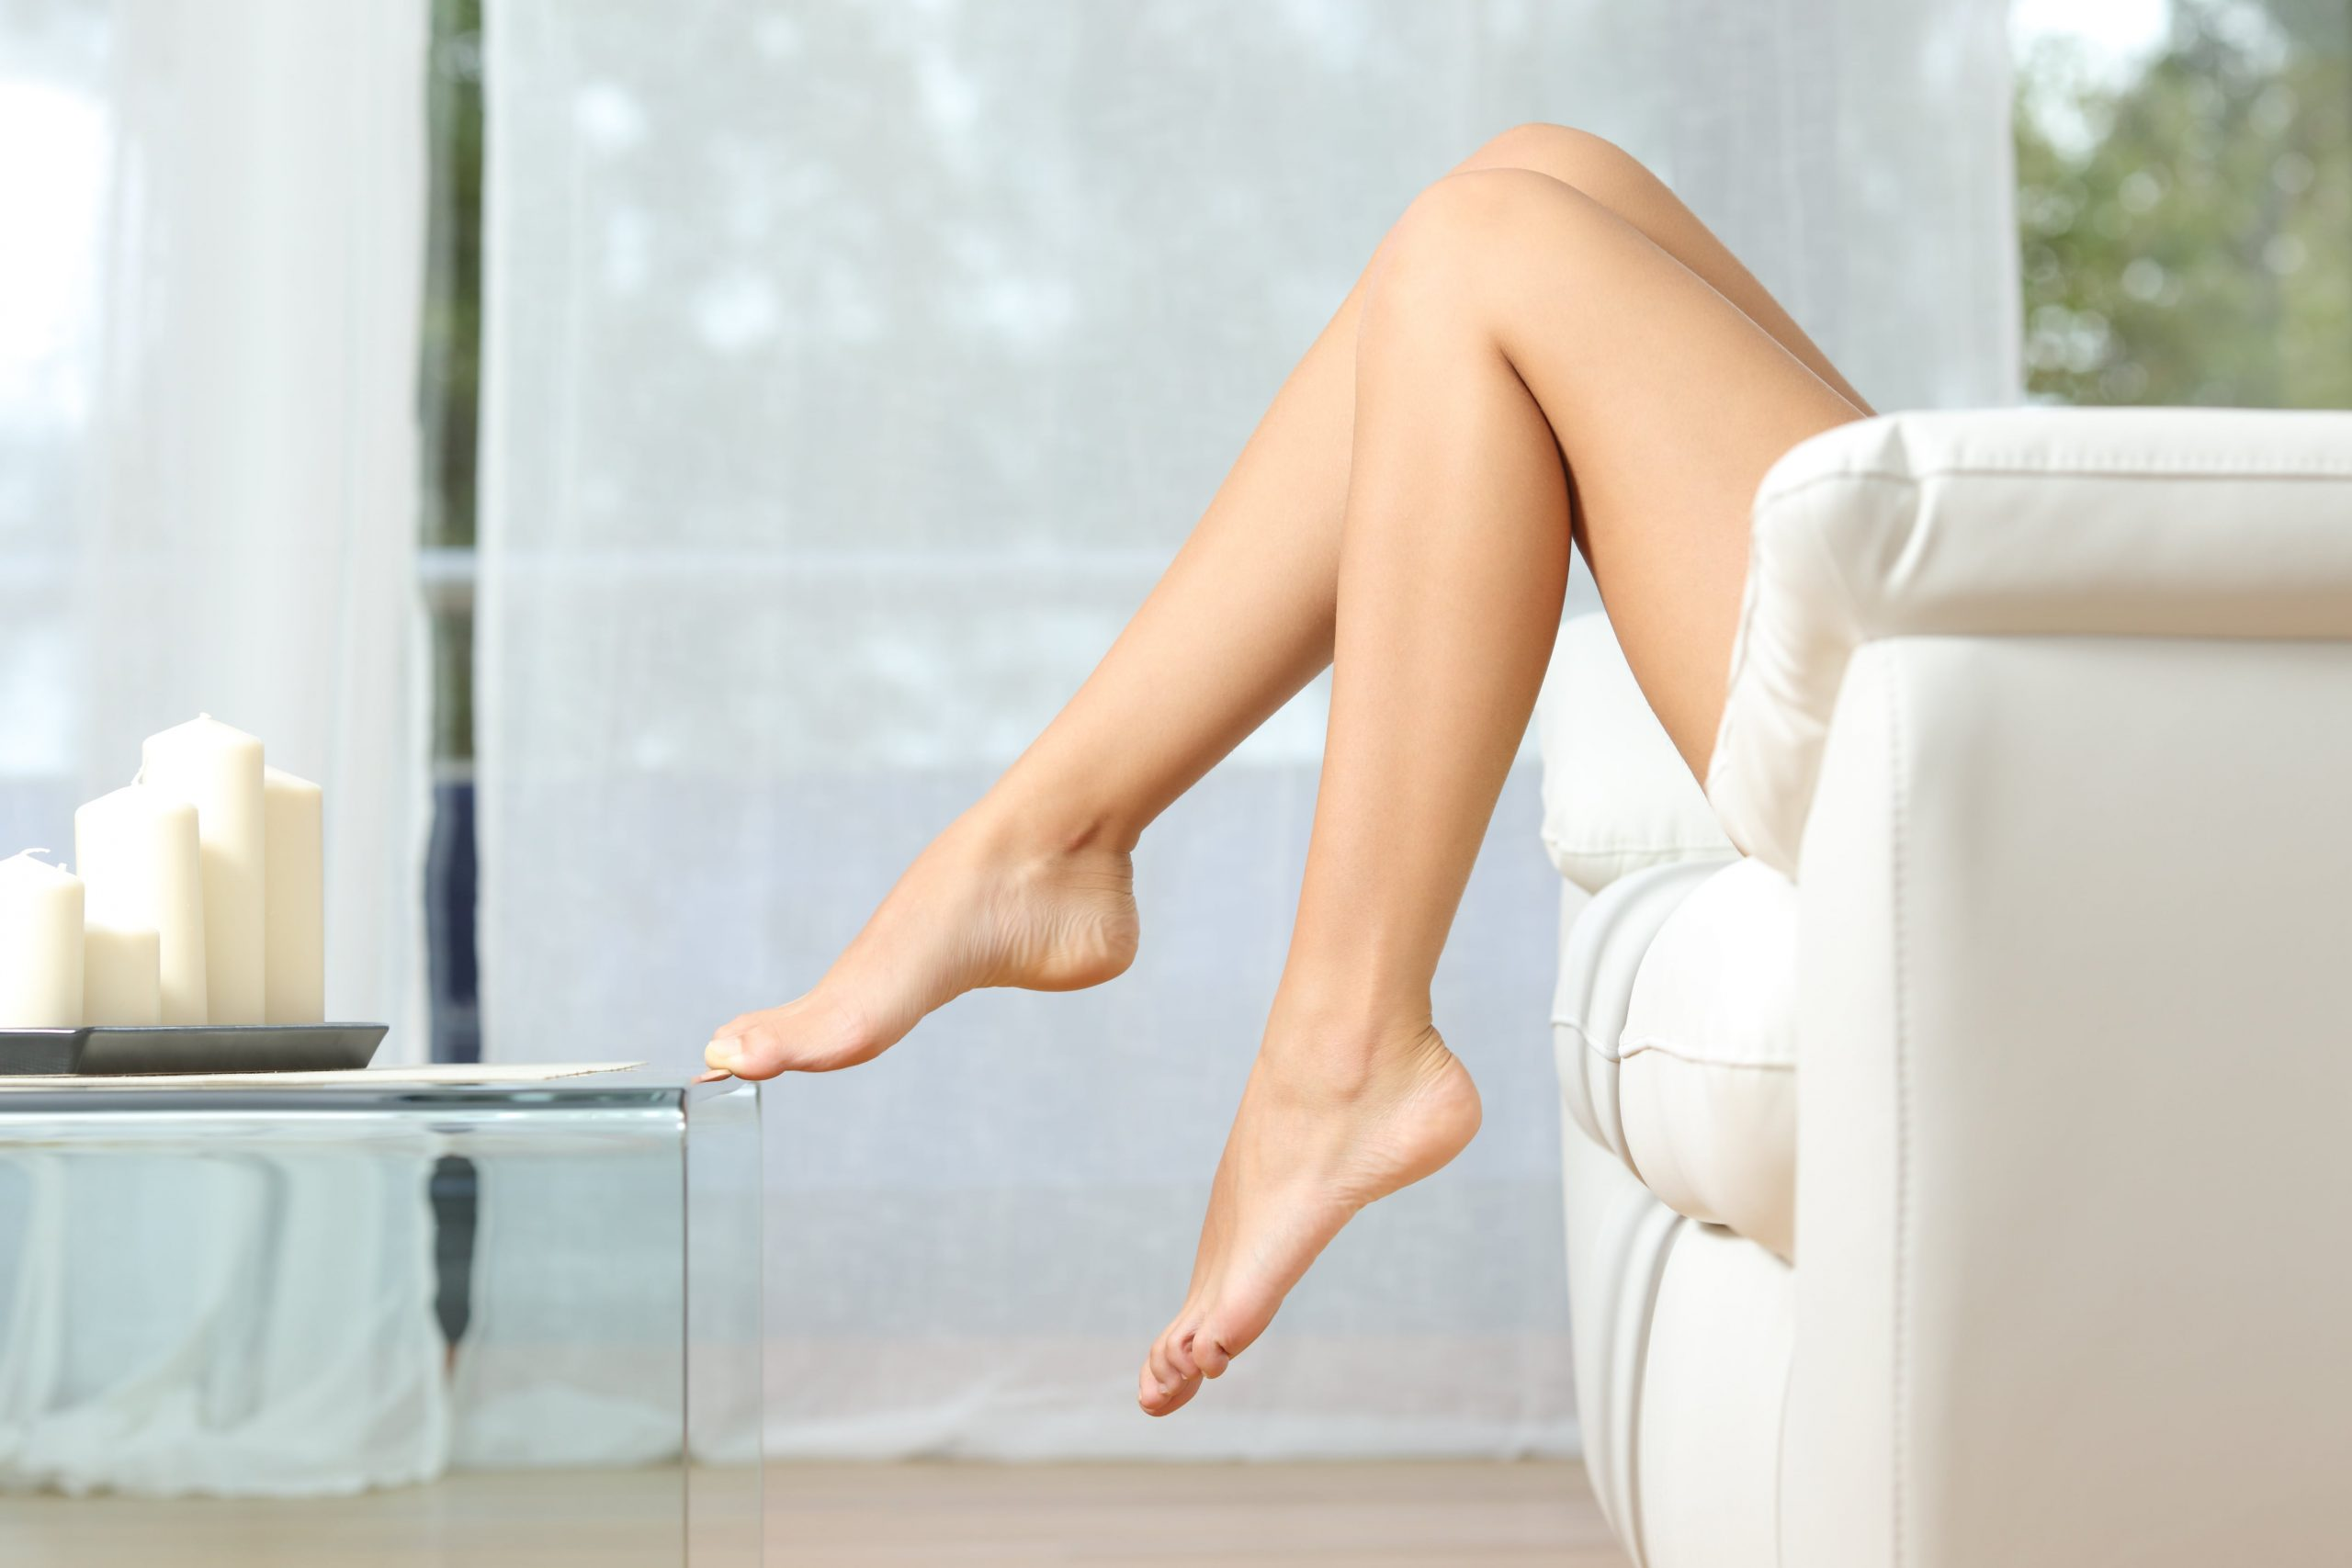 Nuevo concepto revolucionario como tratamiento para depilación láser